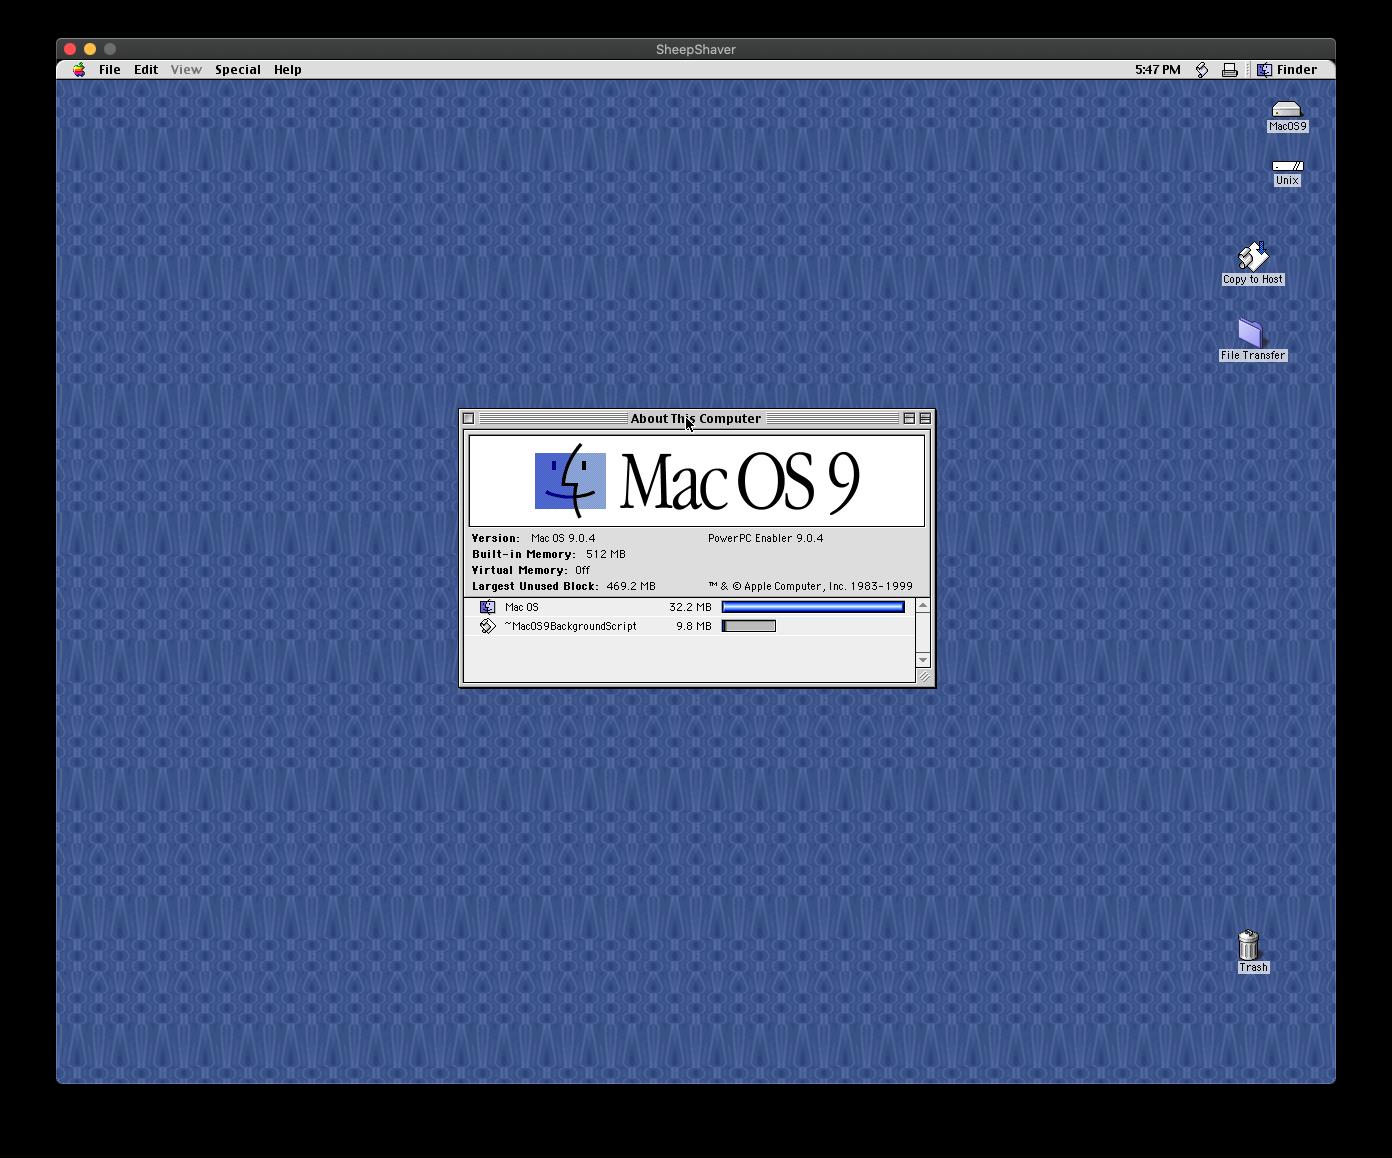 Mac OS 9 on macOS 10.15